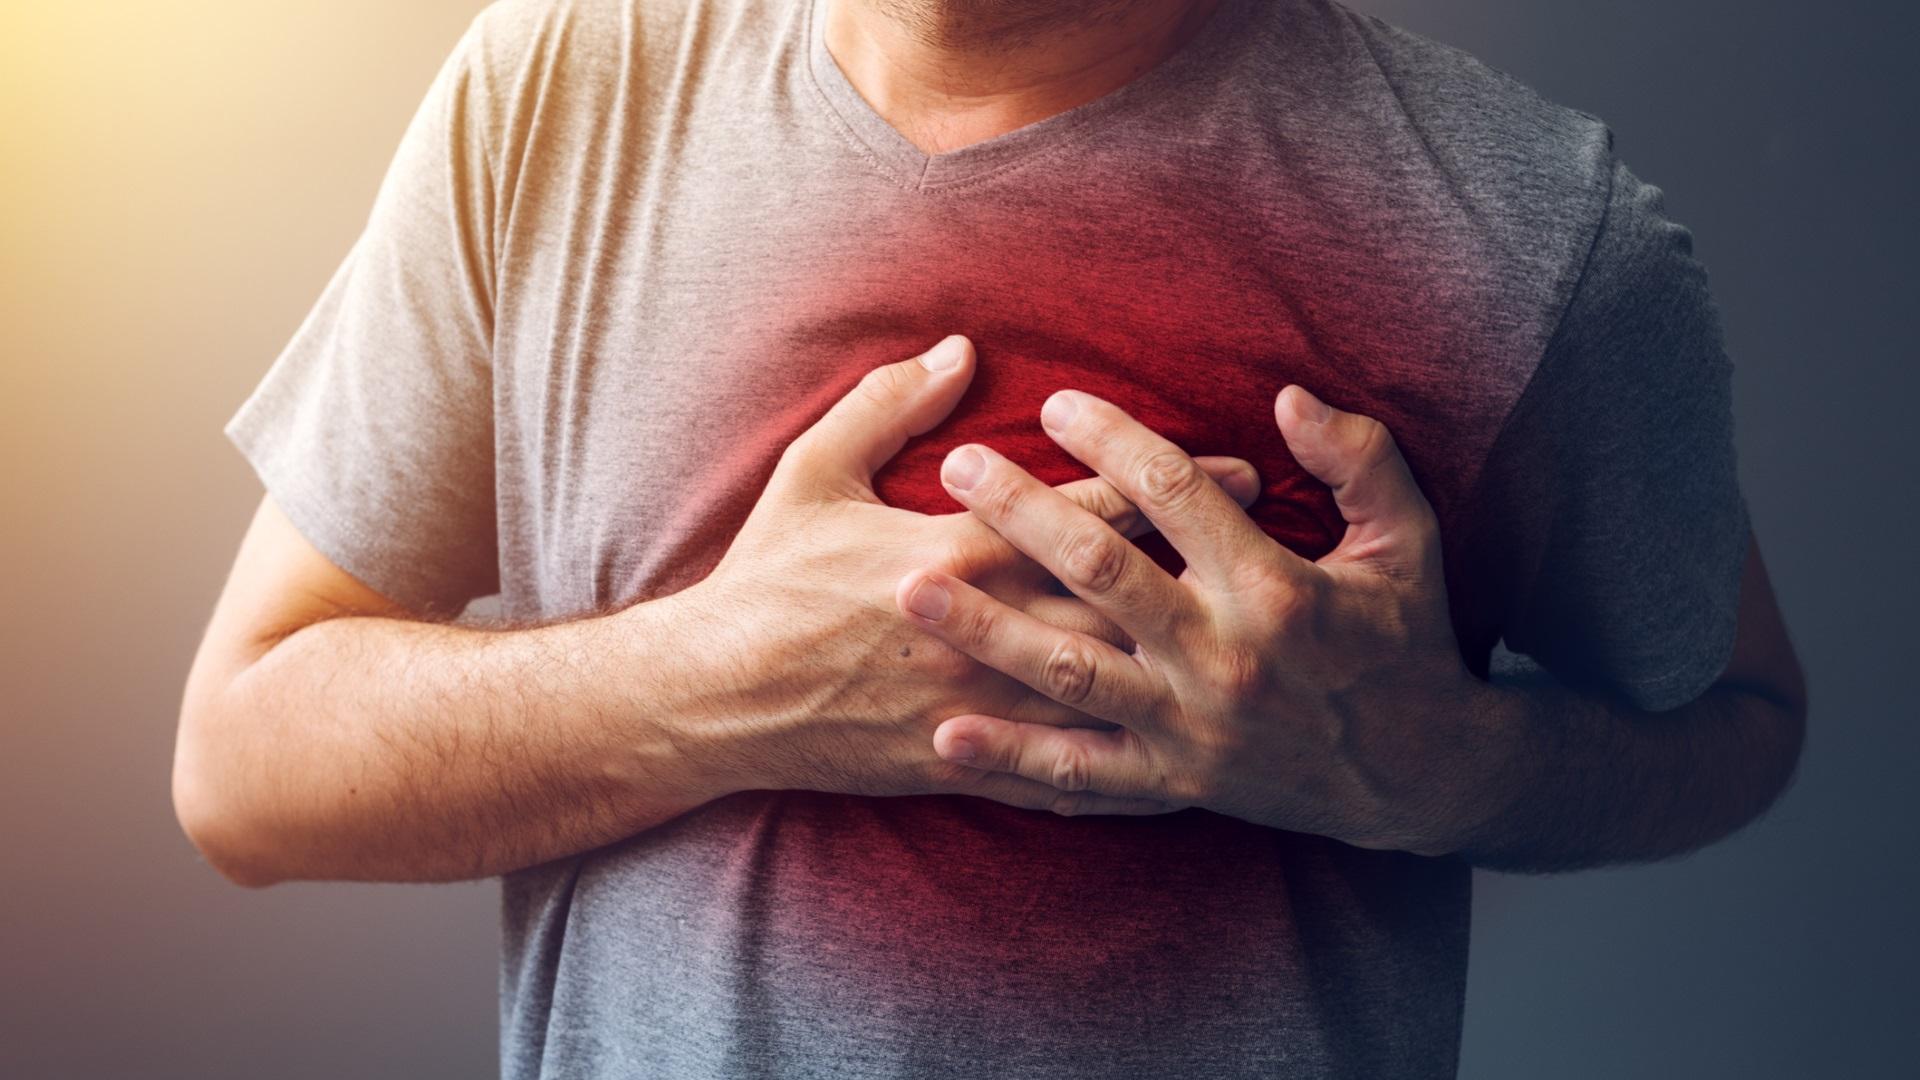 <p><strong>Може да спре сърцето ви</strong></p>  <p>Преяждането никога не е добра идея. Преяждането с калории, с високо съдържание на мазнини и тежки храни като сладолед всеки ден е особено глупаво. Едно проучване на пациенти с инфаркт в Израел установи, че хората са по-склонни да получат инфаркт или друго сериозно сърдечносъдово заболяване в часовете след преяждане с подобен тип храни.</p>